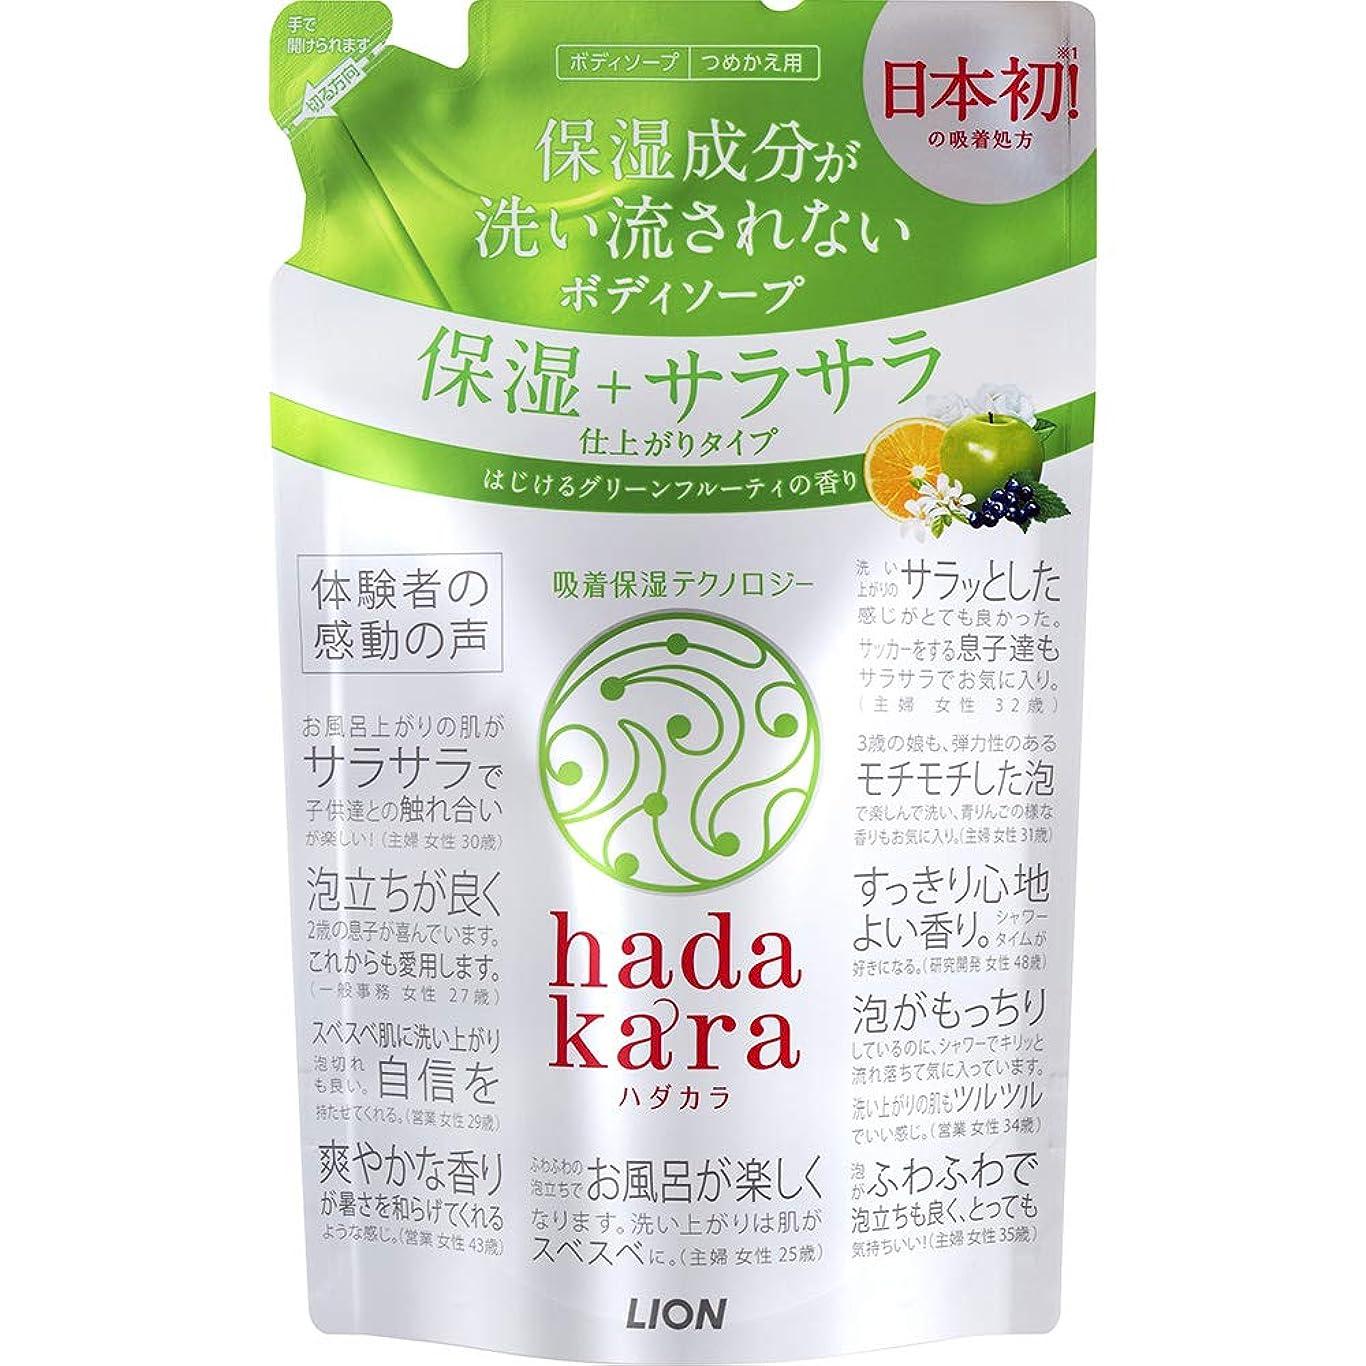 口述首謀者バッテリーhadakara(ハダカラ) ボディソープ 保湿+サラサラ仕上がりタイプ グリーンフルーティの香り 詰め替え 340ml